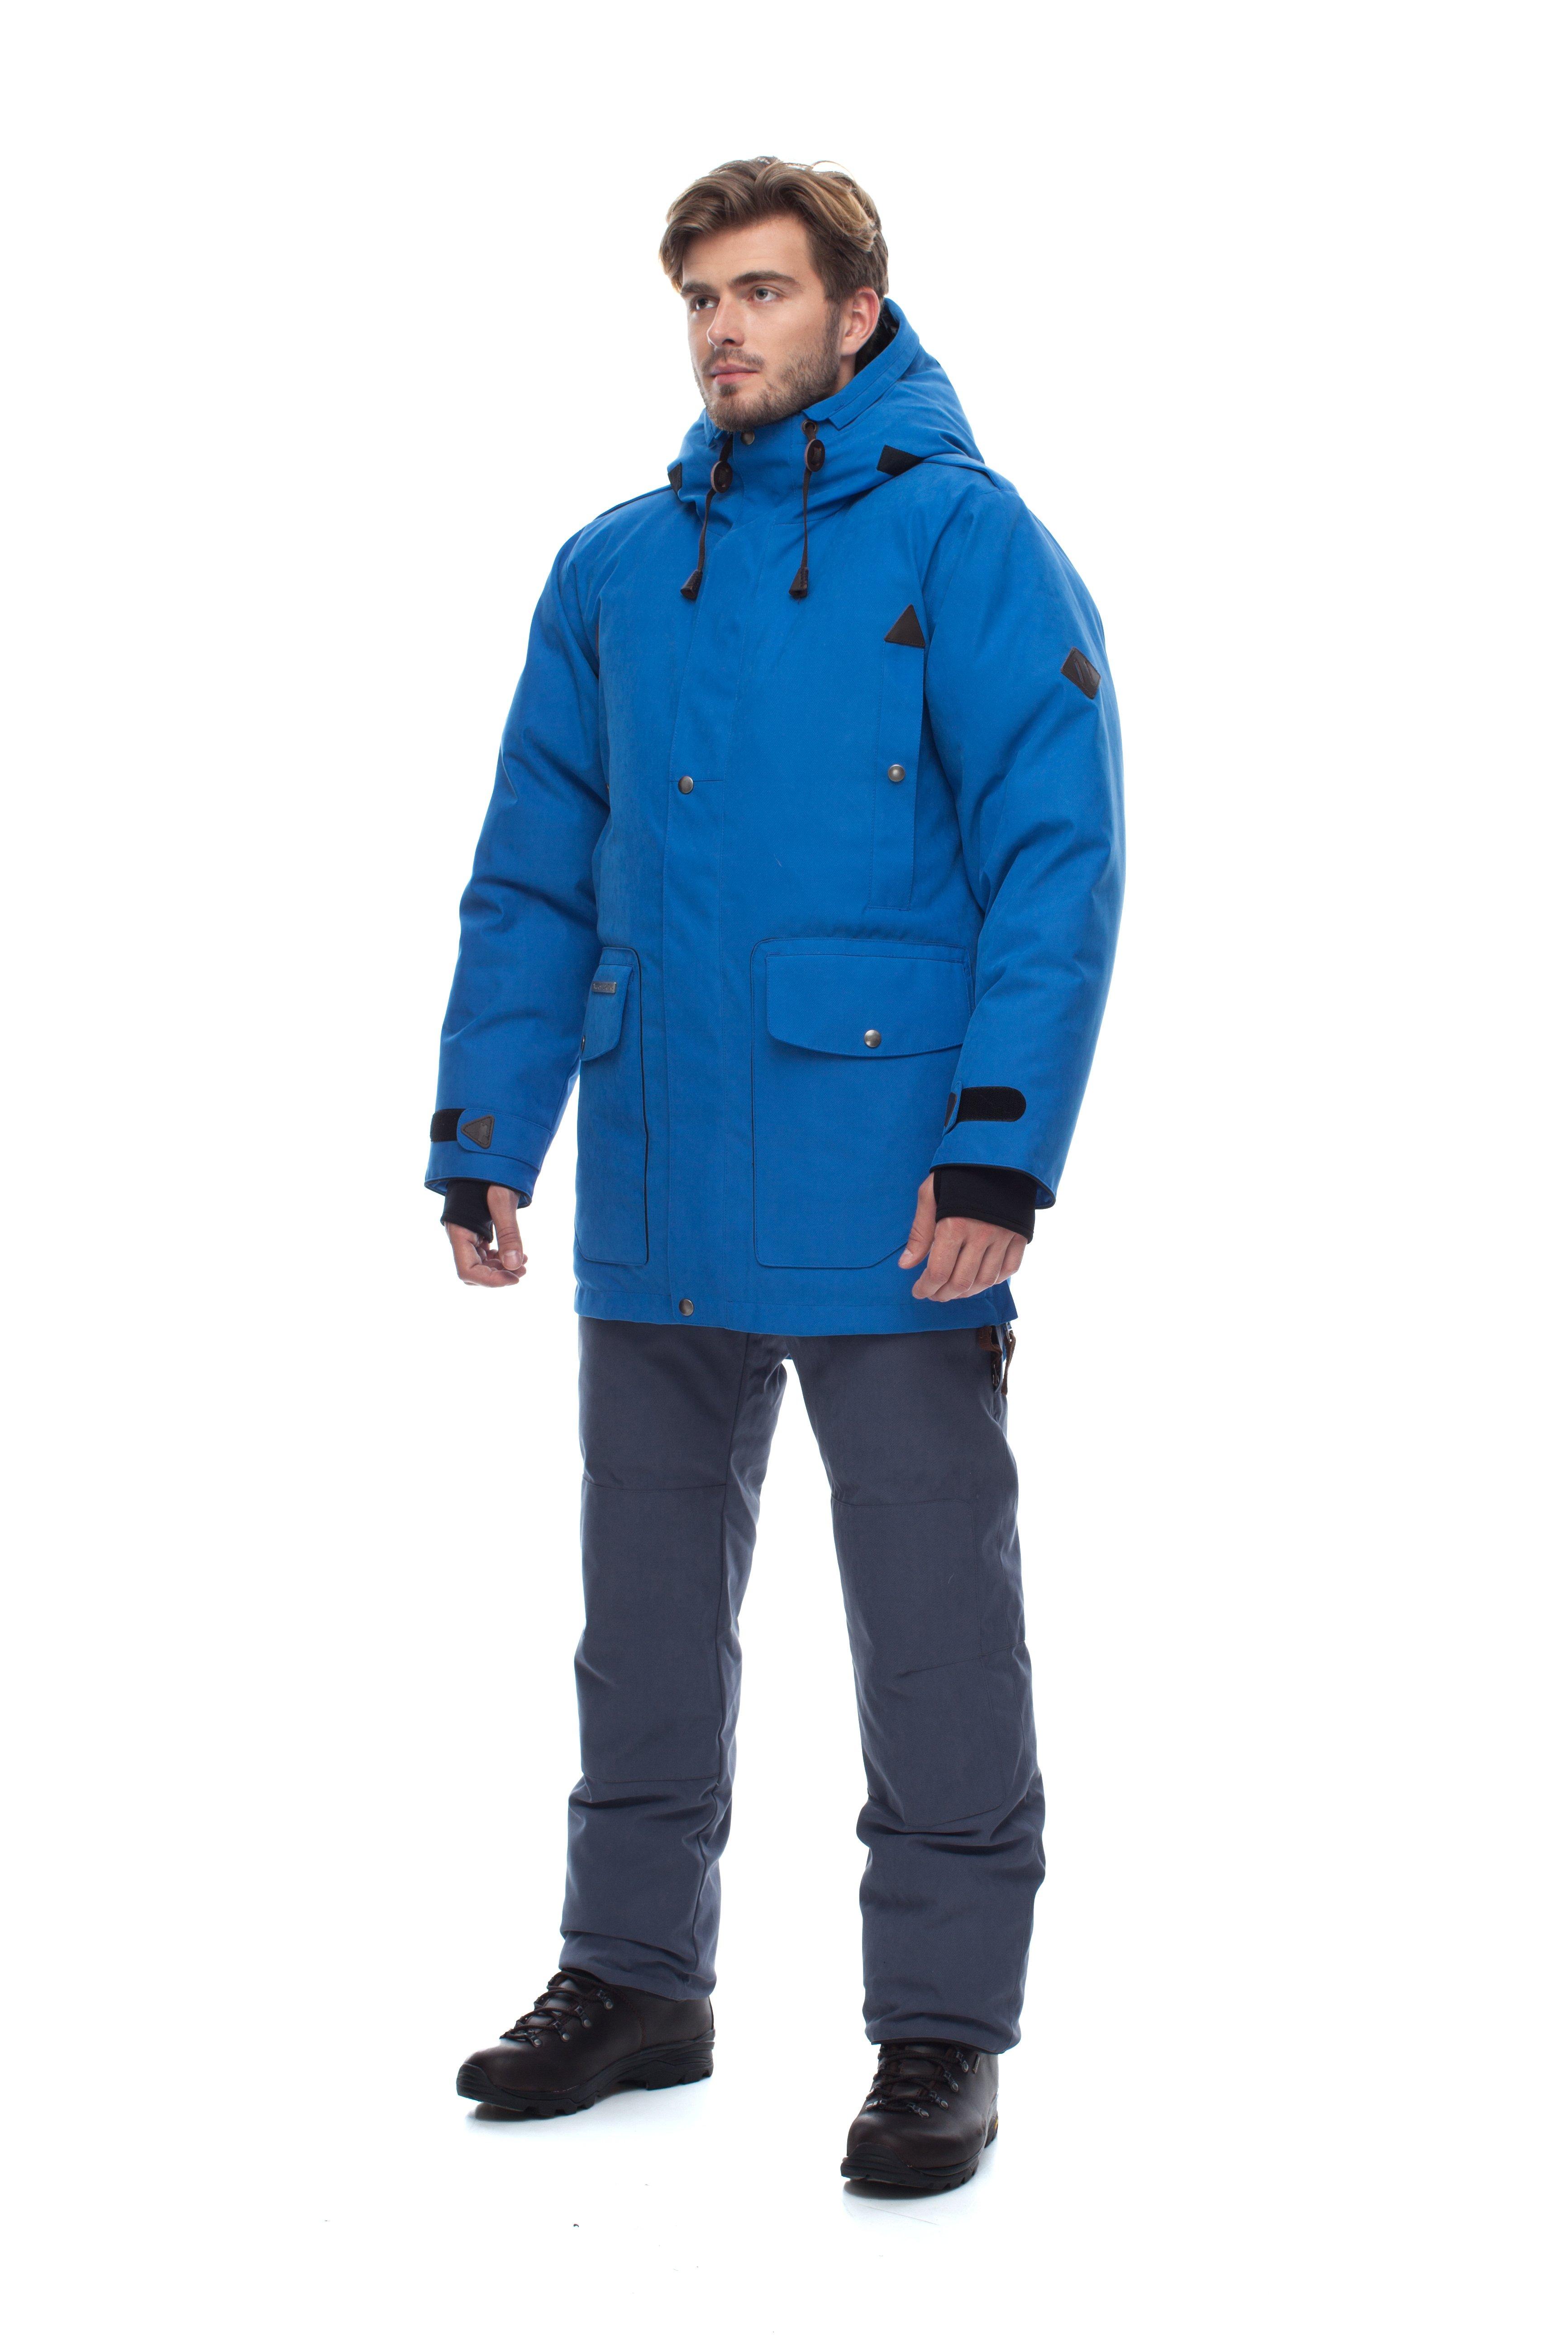 Пуховая куртка BASK PUTORANA HARD 3774Куртки<br>Зимняя мужская пуховая куртка PUTORANA HARD с мембранной тканью и с температурным режимом -35 °С.<br><br>Верхняя ткань: Advance® Alaska<br>Вес граммы: 2155<br>Вес утеплителя: 400<br>Ветро-влагозащитные свойства верхней ткани: Да<br>Ветрозащитная планка: Да<br>Ветрозащитная юбка: Нет<br>Влагозащитные молнии: Нет<br>Внутренние манжеты: Да<br>Внутренняя ткань: Advance® Classic<br>Водонепроницаемость: 5000<br>Дублирующий центральную молнию клапан: Да<br>Защитный козырёк капюшона: Нет<br>Капюшон: Несъемный<br>Карман для средств связи: Нет<br>Количество внешних карманов: 8<br>Количество внутренних карманов: 2<br>Мембрана: Да<br>Объемный крой локтевой зоны: Нет<br>Отстёгивающиеся рукава: Нет<br>Паропроницаемость: 5000<br>Показатель Fill Power (для пуховых изделий): 650<br>Пол: Мужской<br>Проклейка швов: Нет<br>Регулировка манжетов рукавов: Да<br>Регулировка низа: Нет<br>Регулировка объёма капюшона: Да<br>Регулировка талии: Да<br>Регулируемые вентиляционные отверстия: Нет<br>Световозвращающая лента: Нет<br>Температурный режим: -35<br>Технология Thermal Welding: Нет<br>Технология швов: Простые<br>Тип молнии: Двухзамковая<br>Тип утеплителя: Натуральный<br>Ткань усиления: нет<br>Усиление контактных зон: Нет<br>Утеплитель: Гусиный пух<br>Размер RU: 52<br>Цвет: БЕЛЫЙ